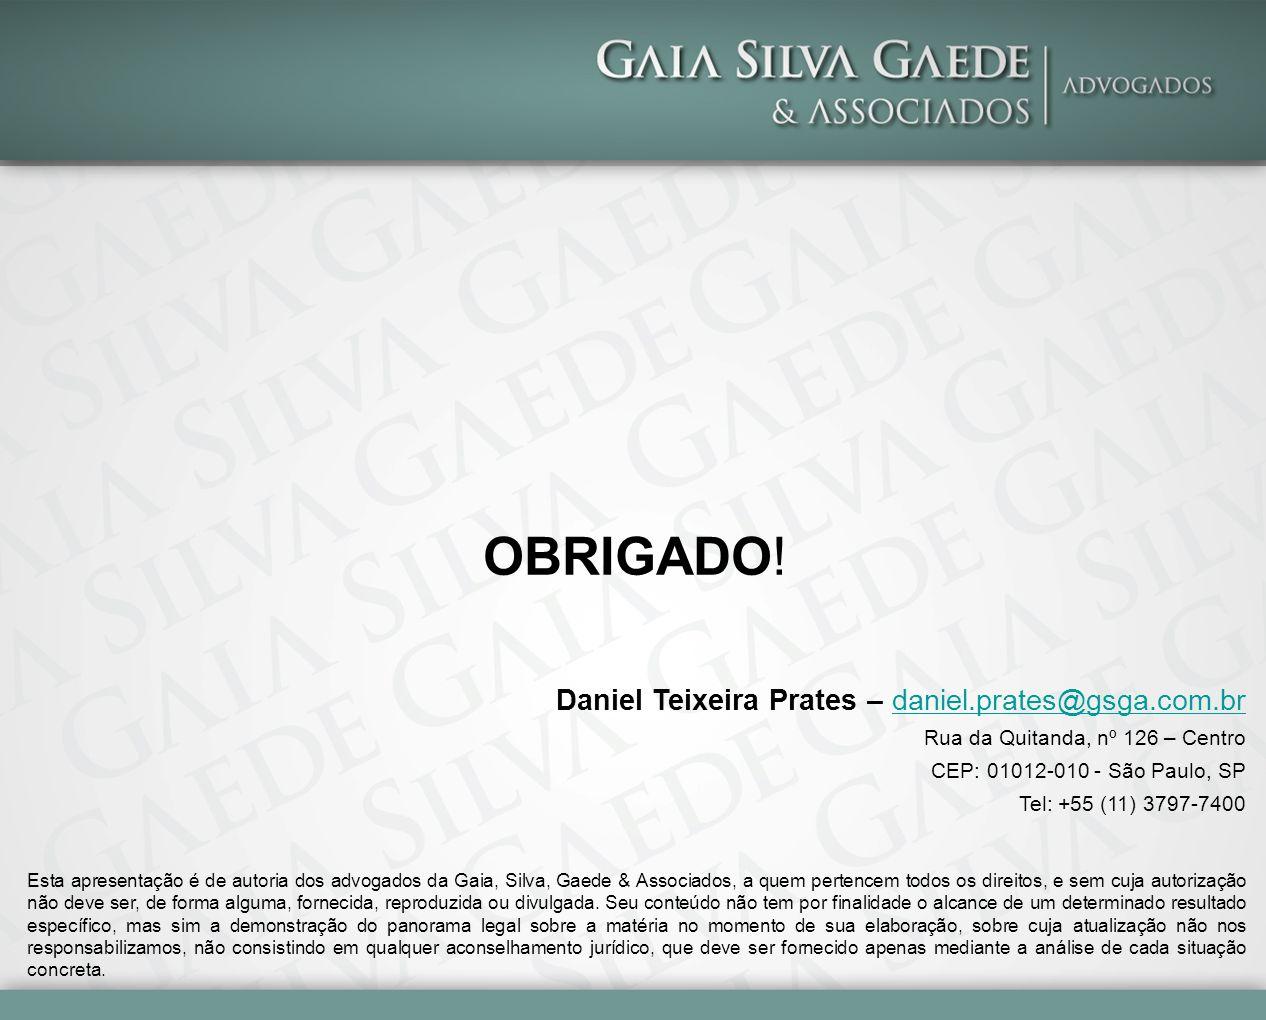 OBRIGADO! Daniel Teixeira Prates – daniel.prates@gsga.com.br